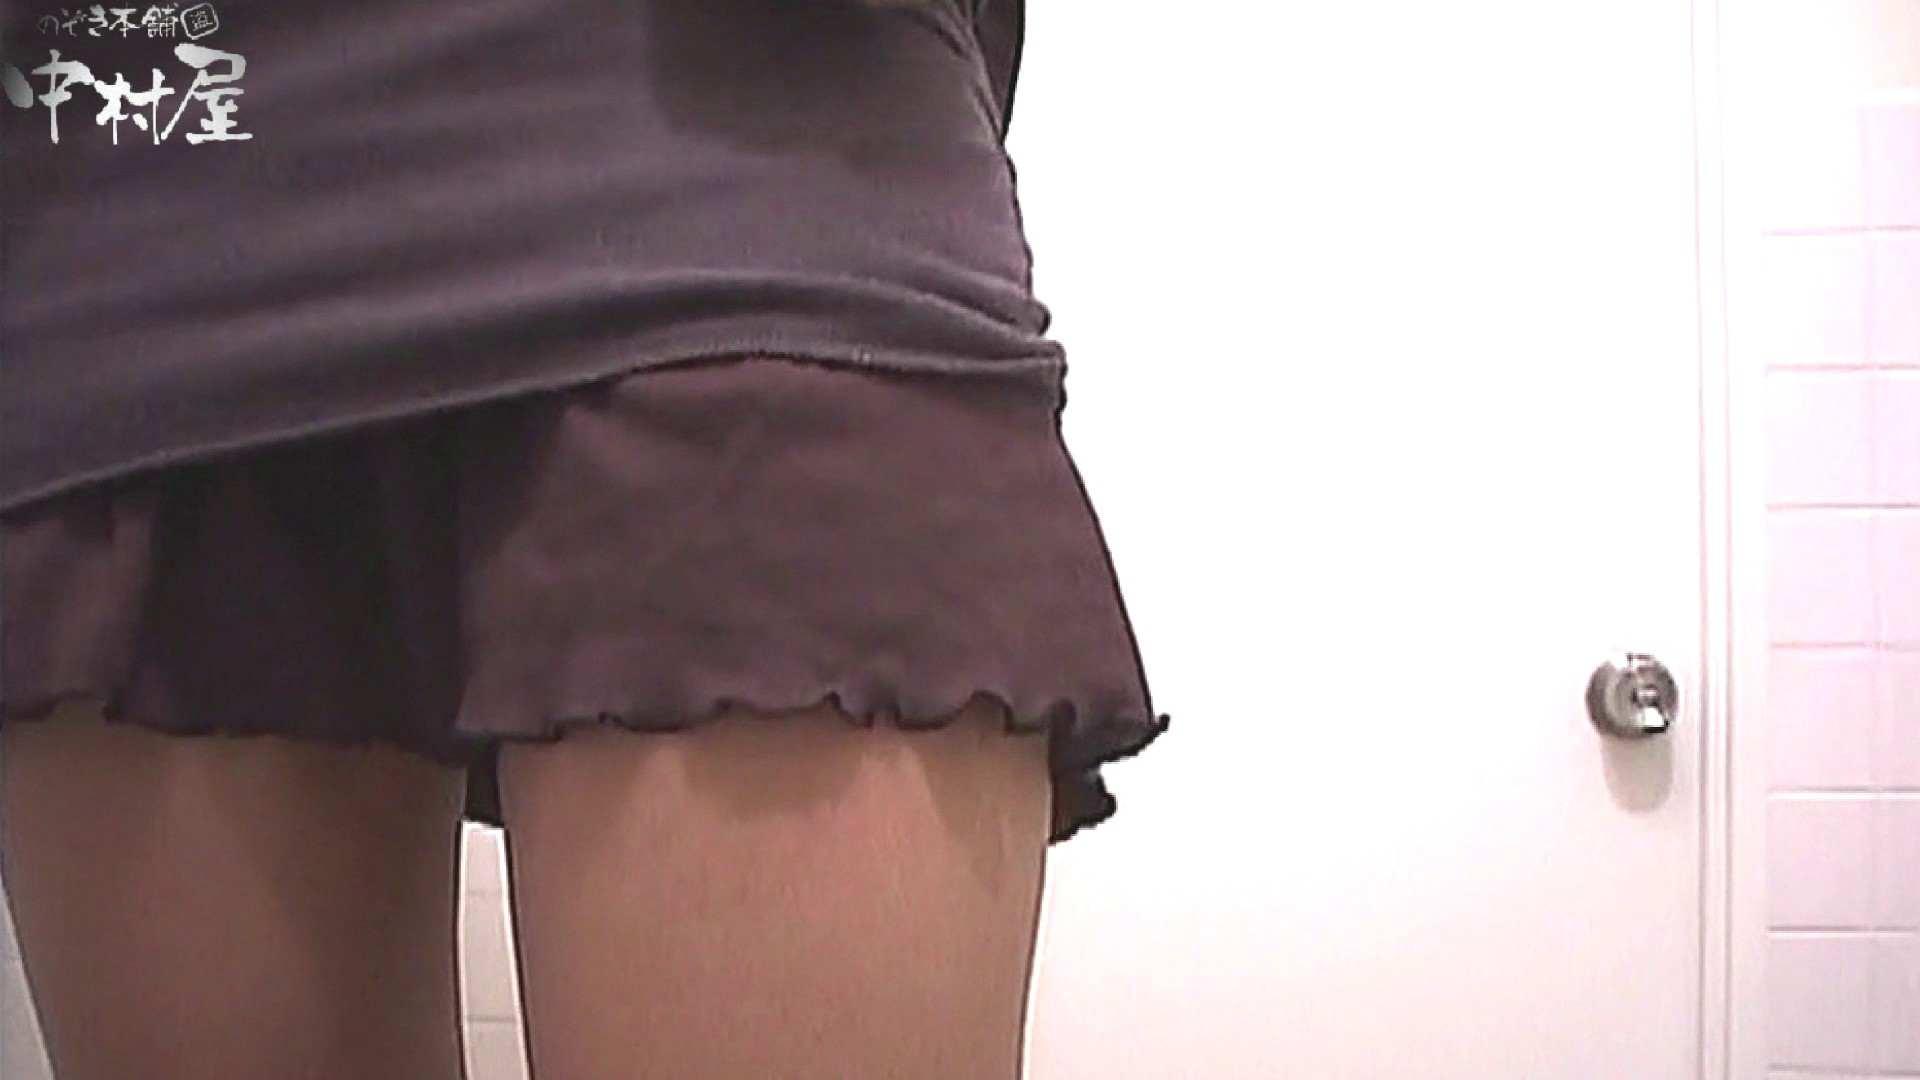 お漏らし寸前デパトイレ盗撮!Vol.10 女子トイレ編 すけべAV動画紹介 82PIX 64